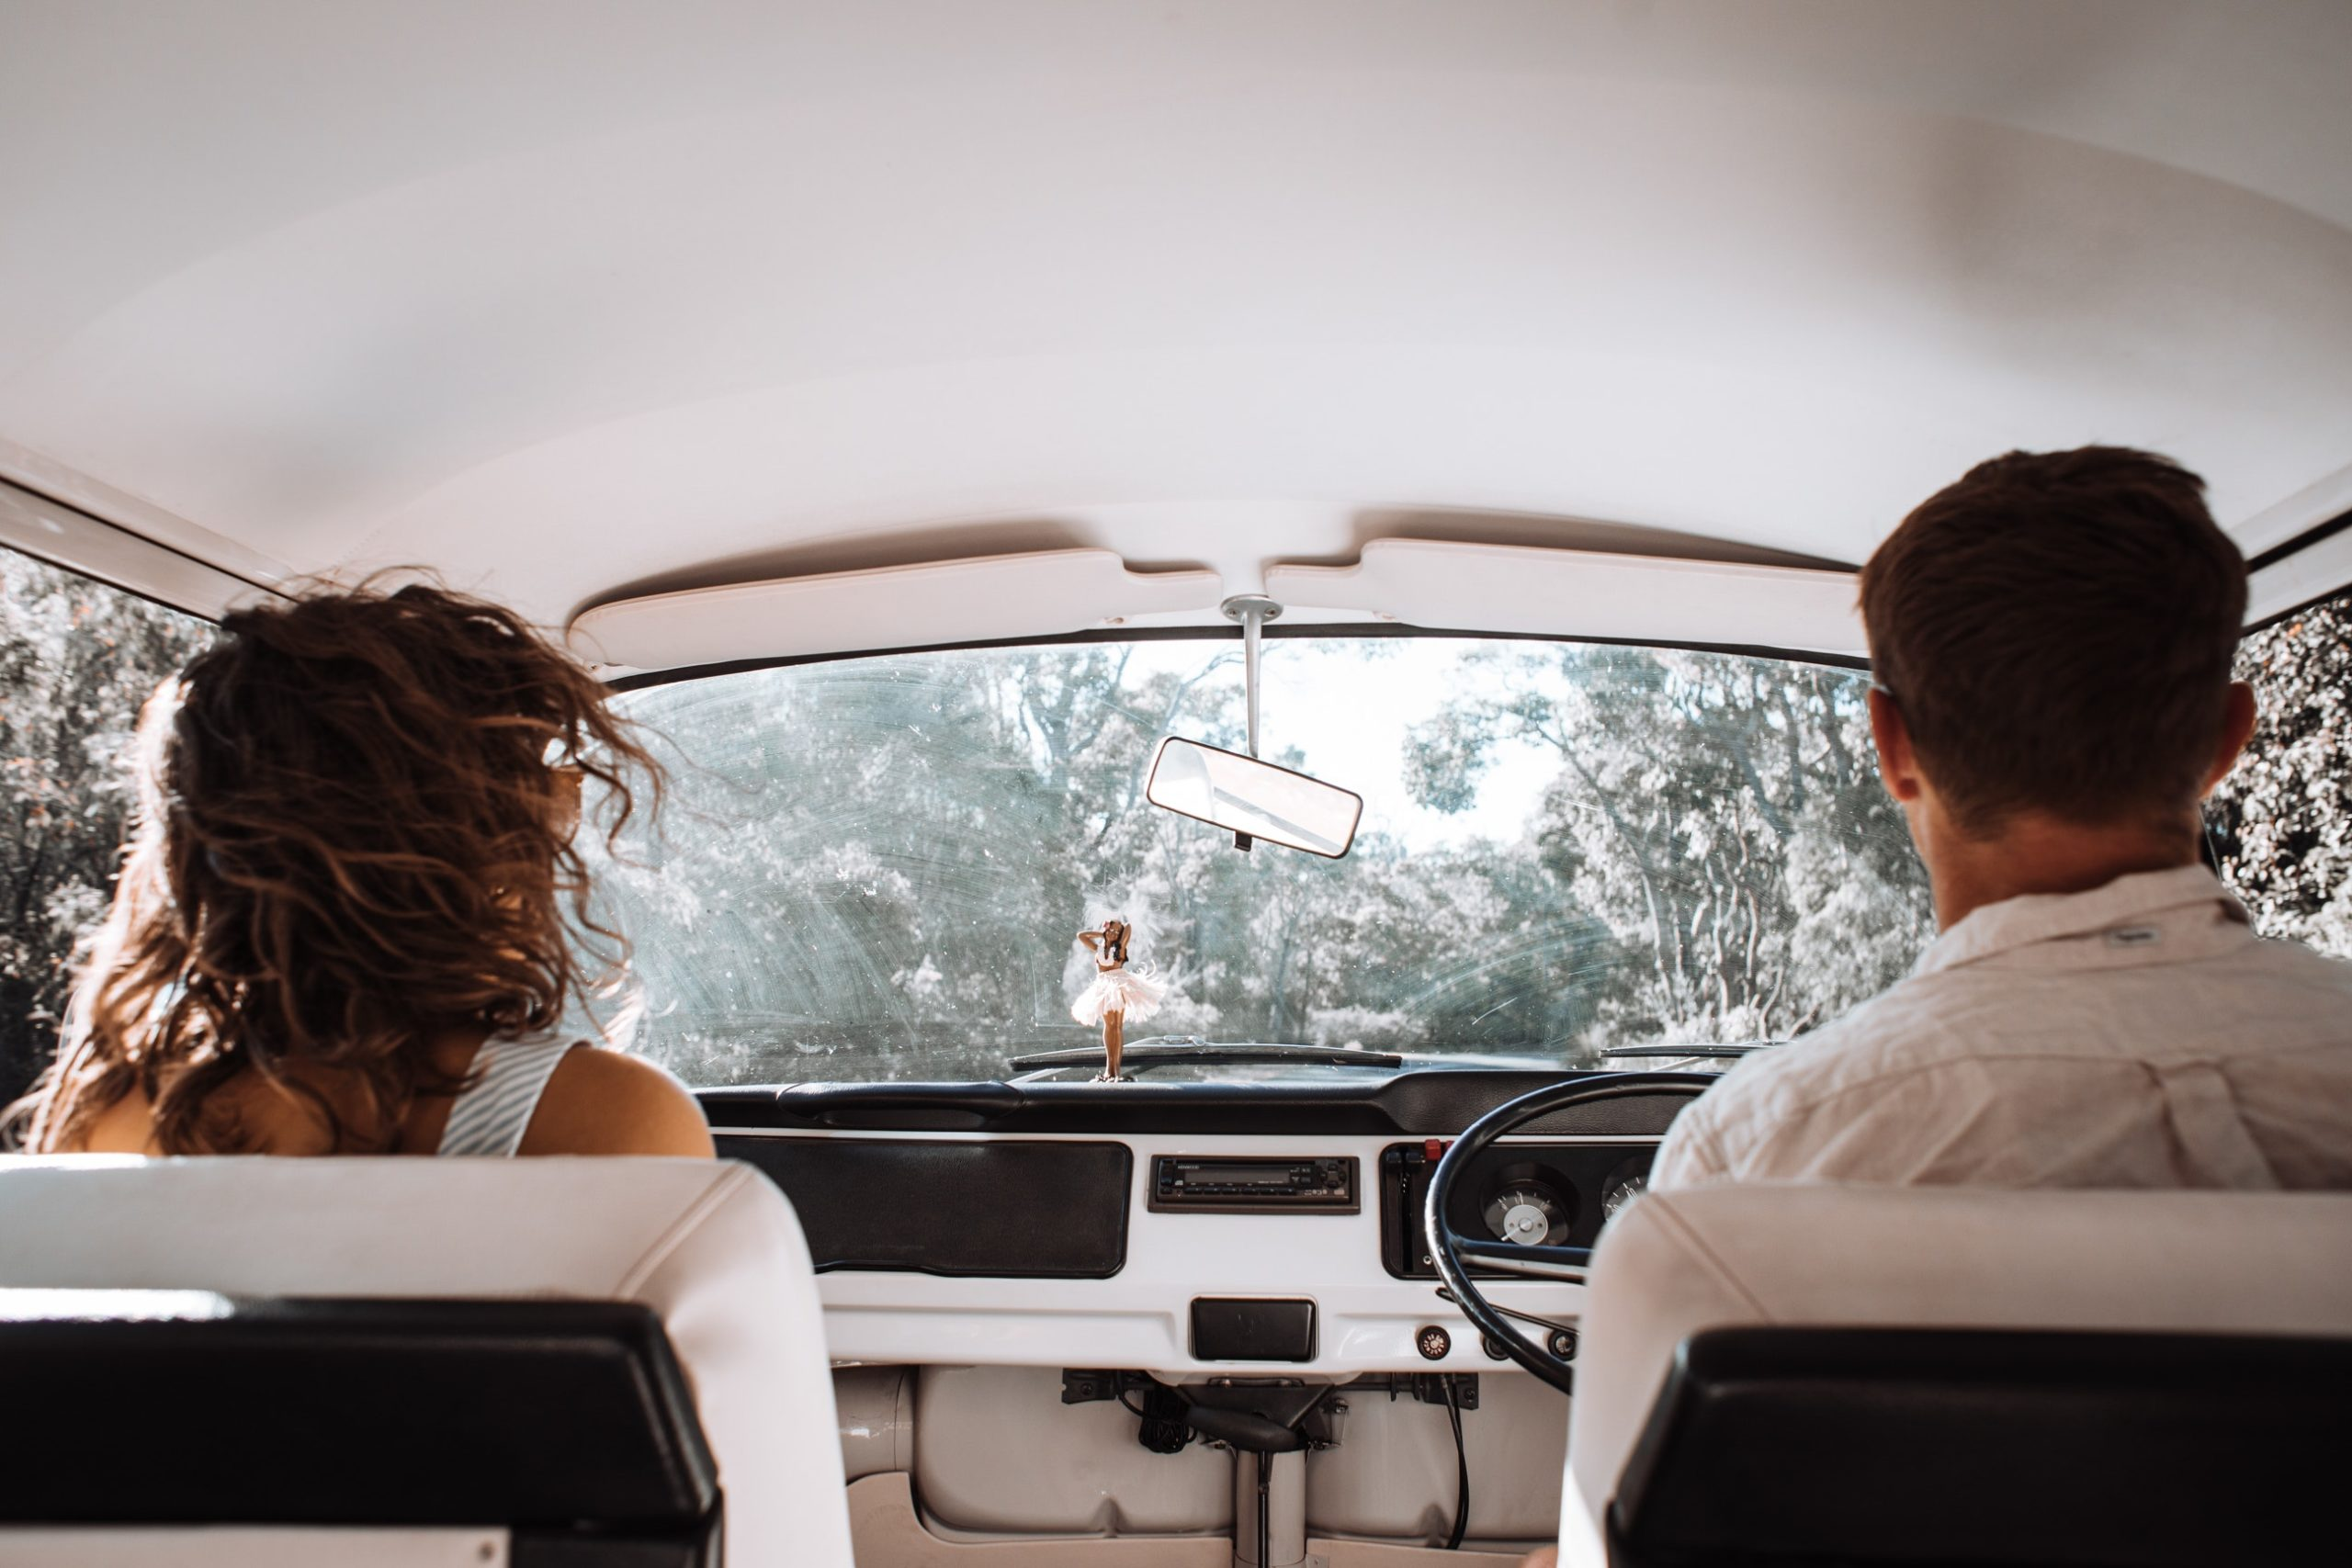 droom betekenis auto - droom betekenis oververhitte auto - droom betekenis geparkeerde auto - droom betekenis gestolen auto